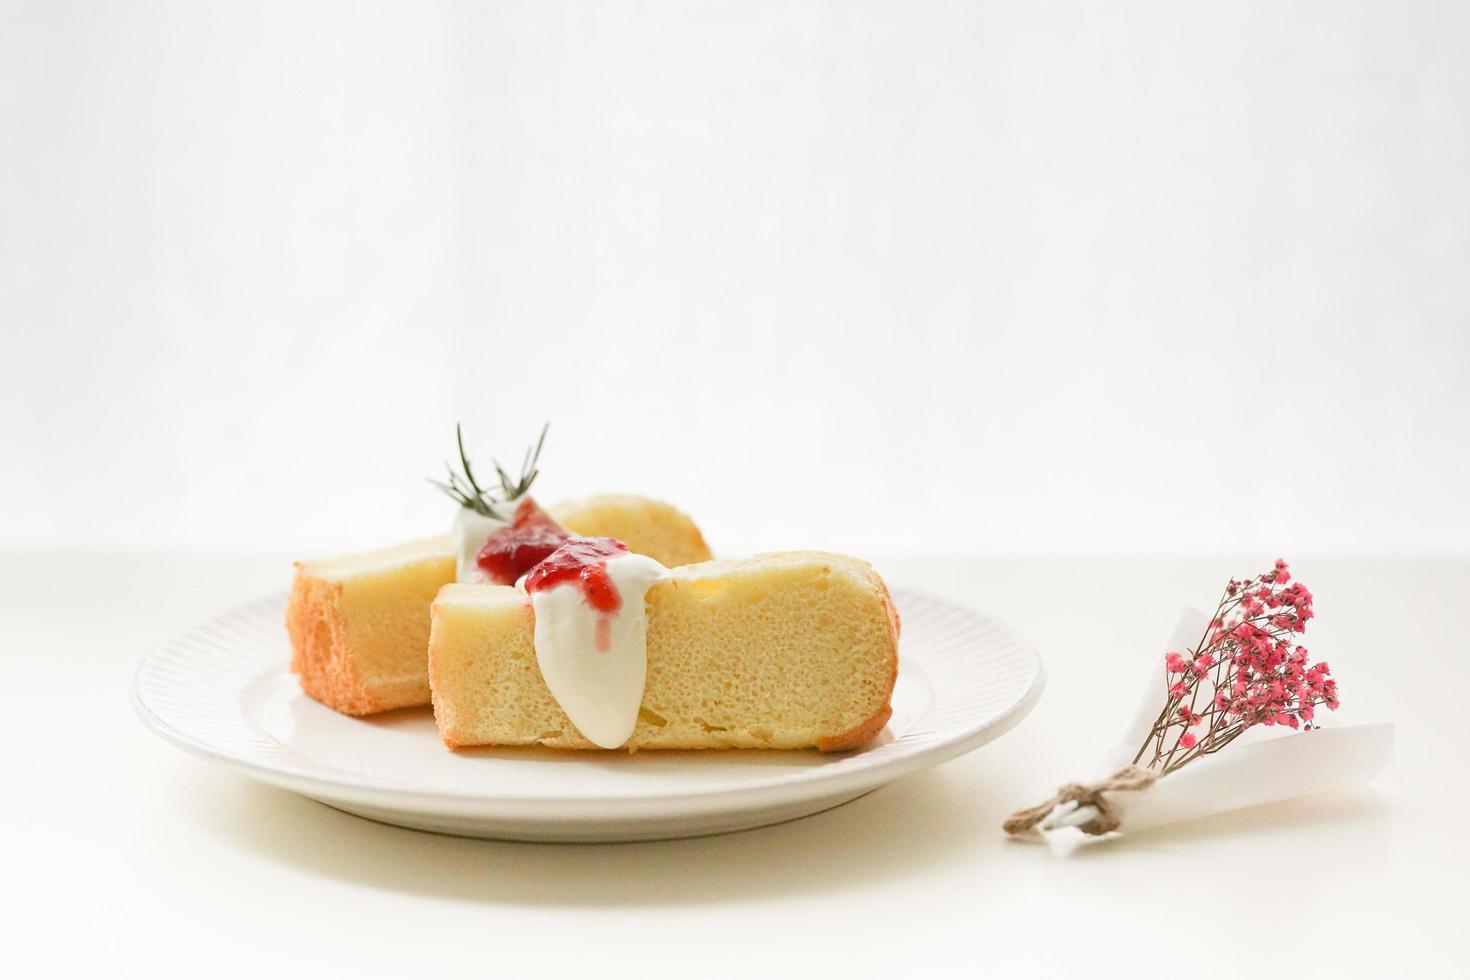 Kuchenstücke auf Teller mit Beeren foto